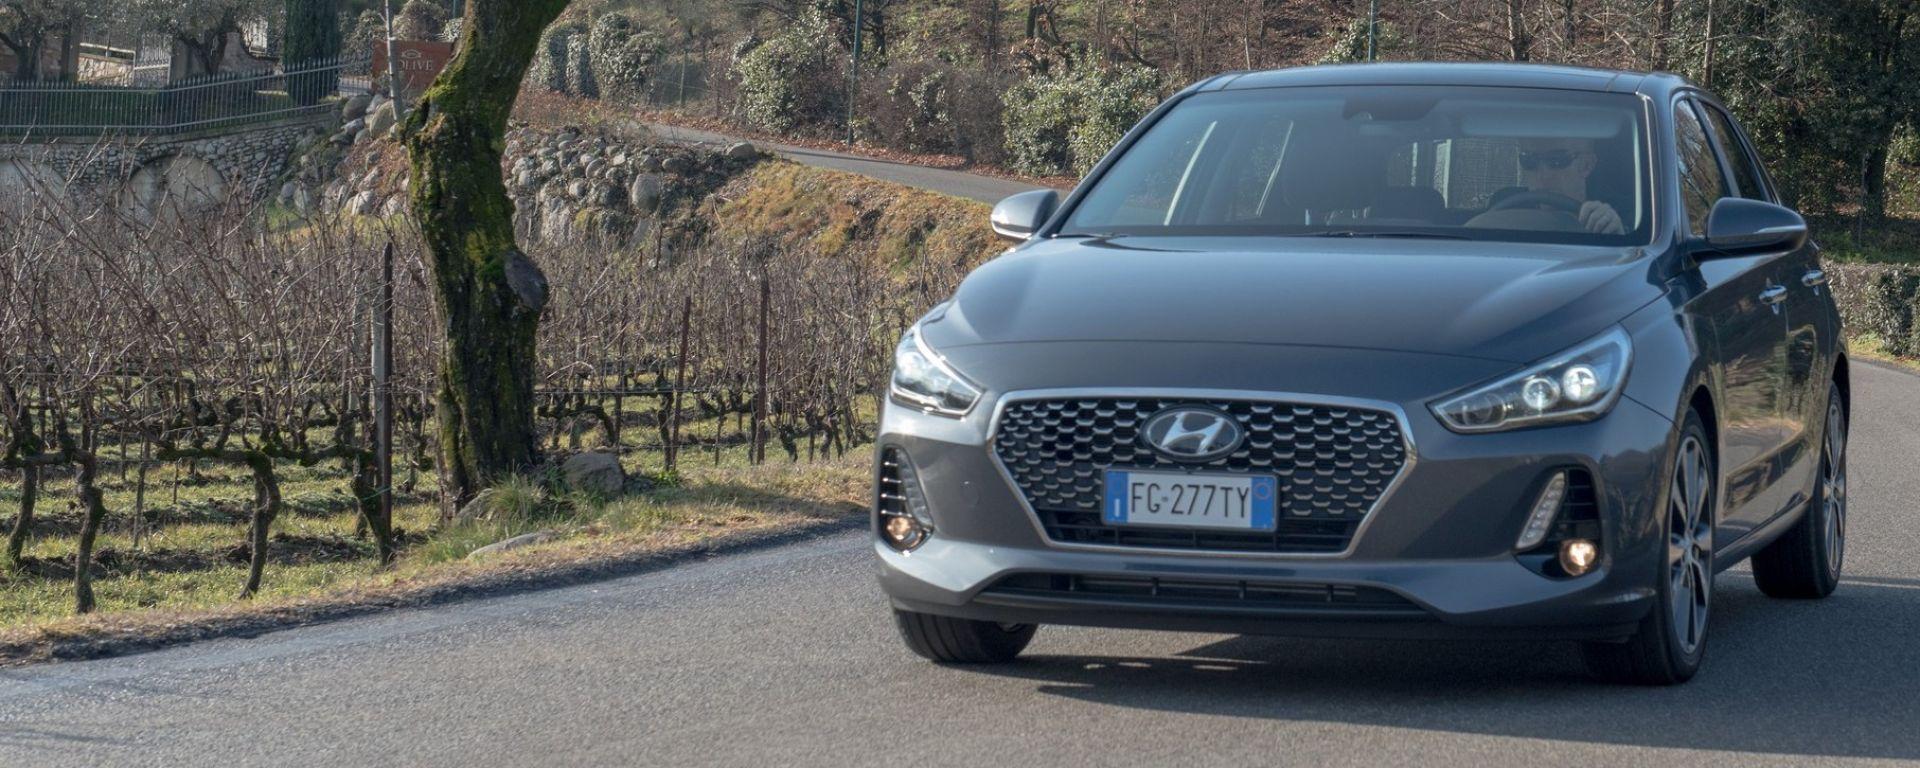 Nuova Hyundai i30 2017, la prova su strada